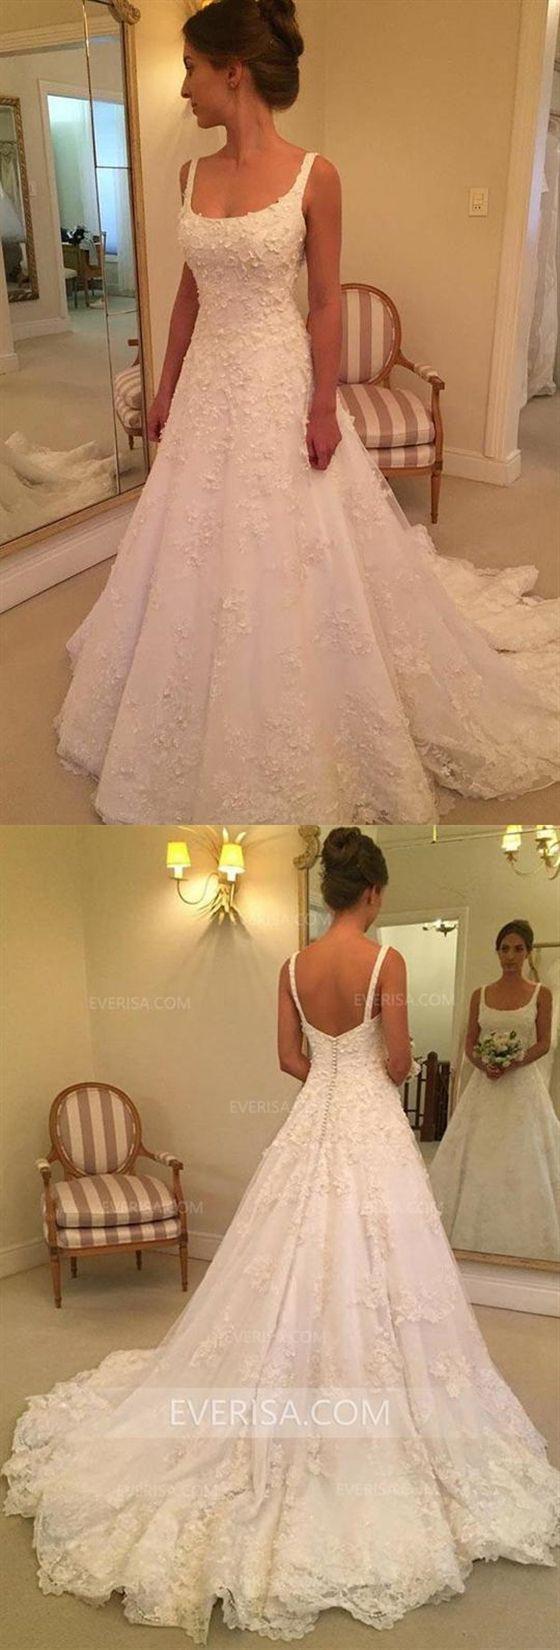 Einfache Weiße Ärmellose Rückenfreie Spitze Brautkleider